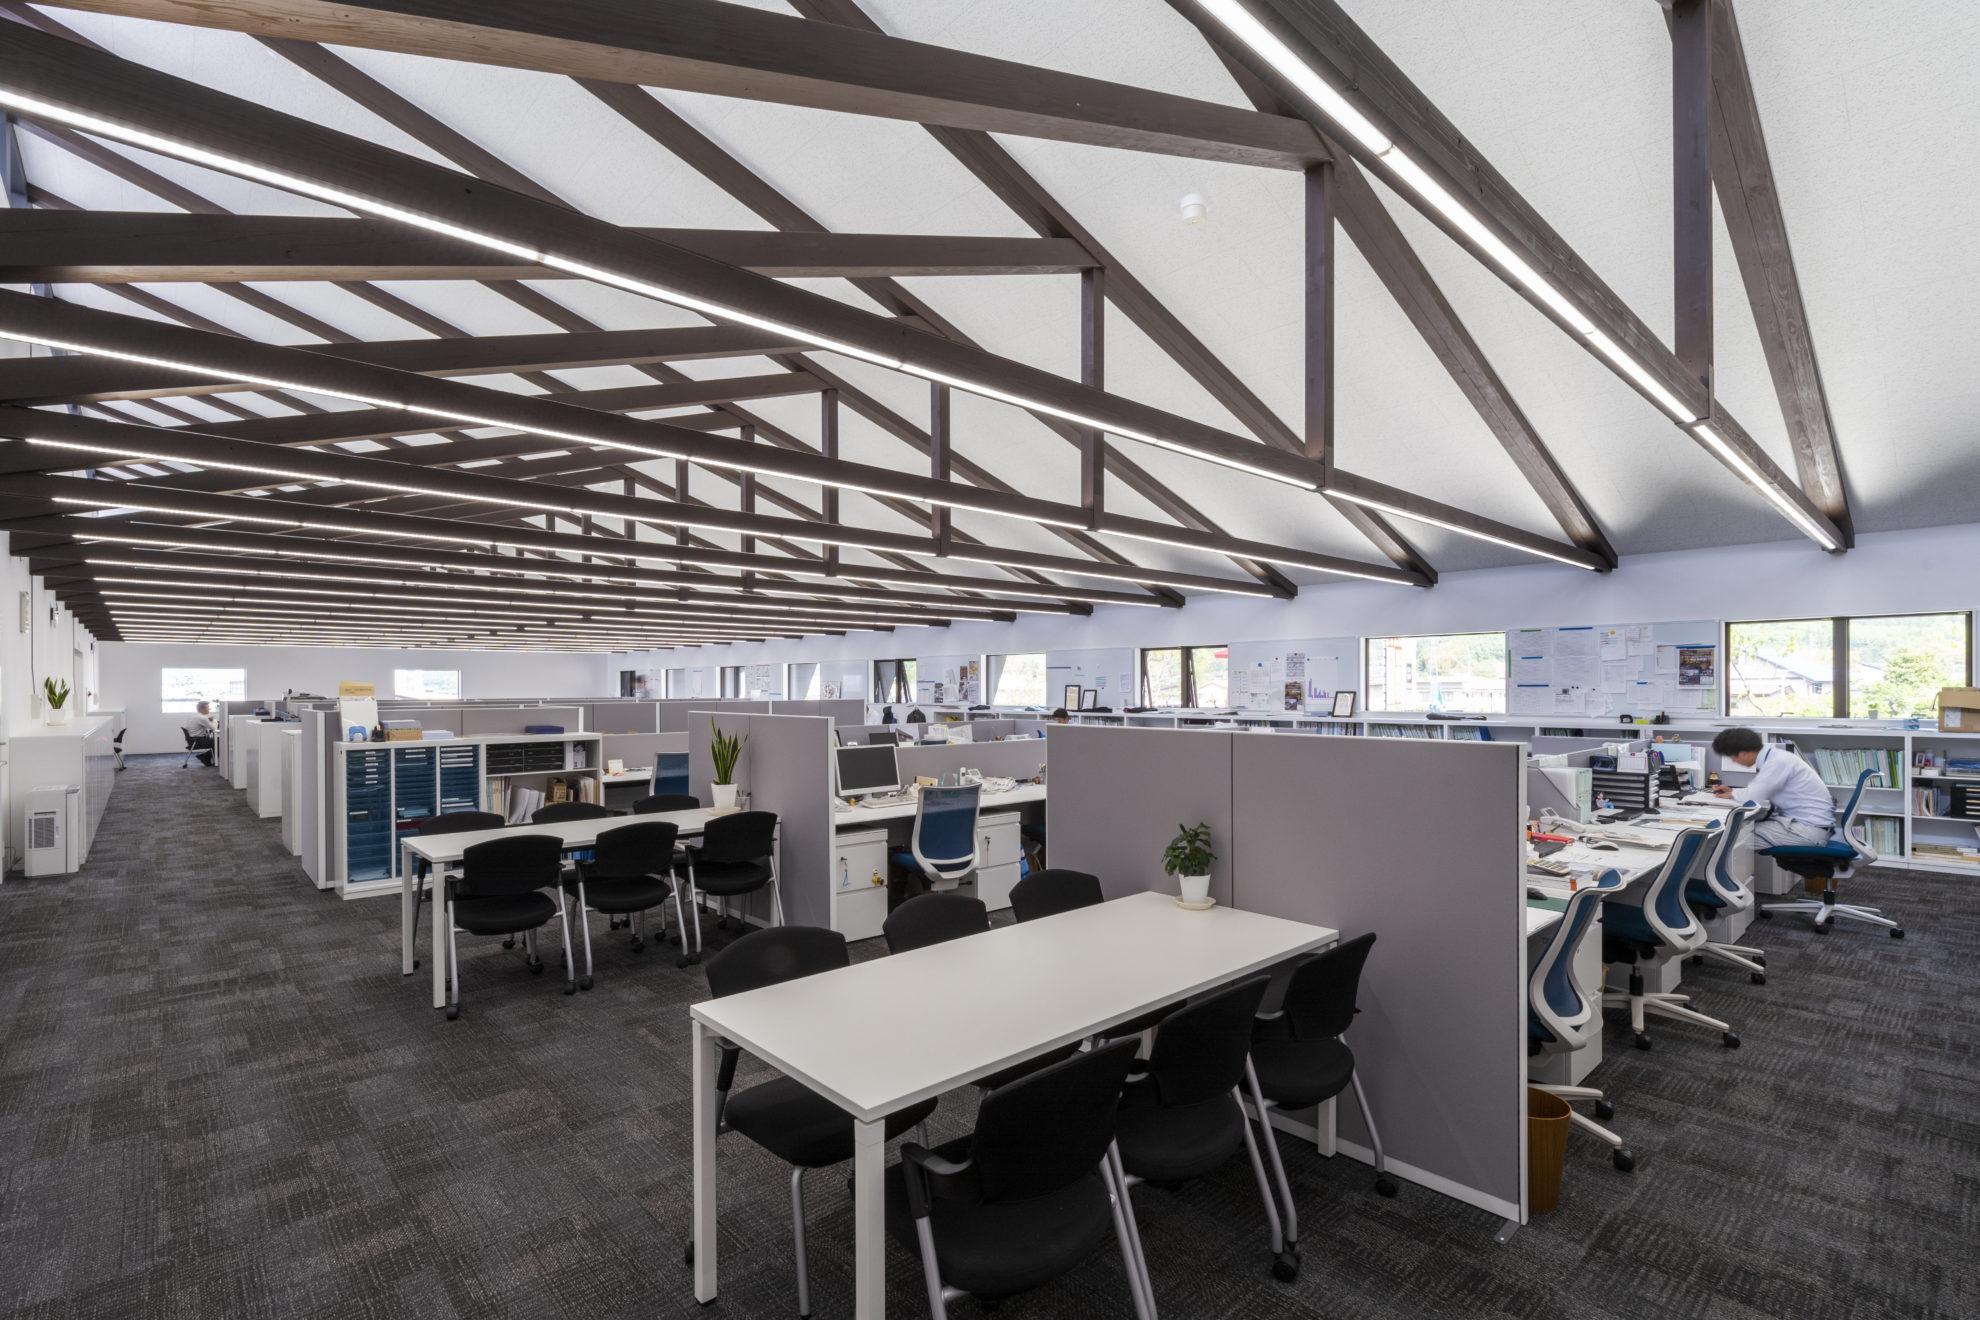 奥まで続く張弦トラスが印象的なオフィススペース。こんなところで仕事してみたいなぁ